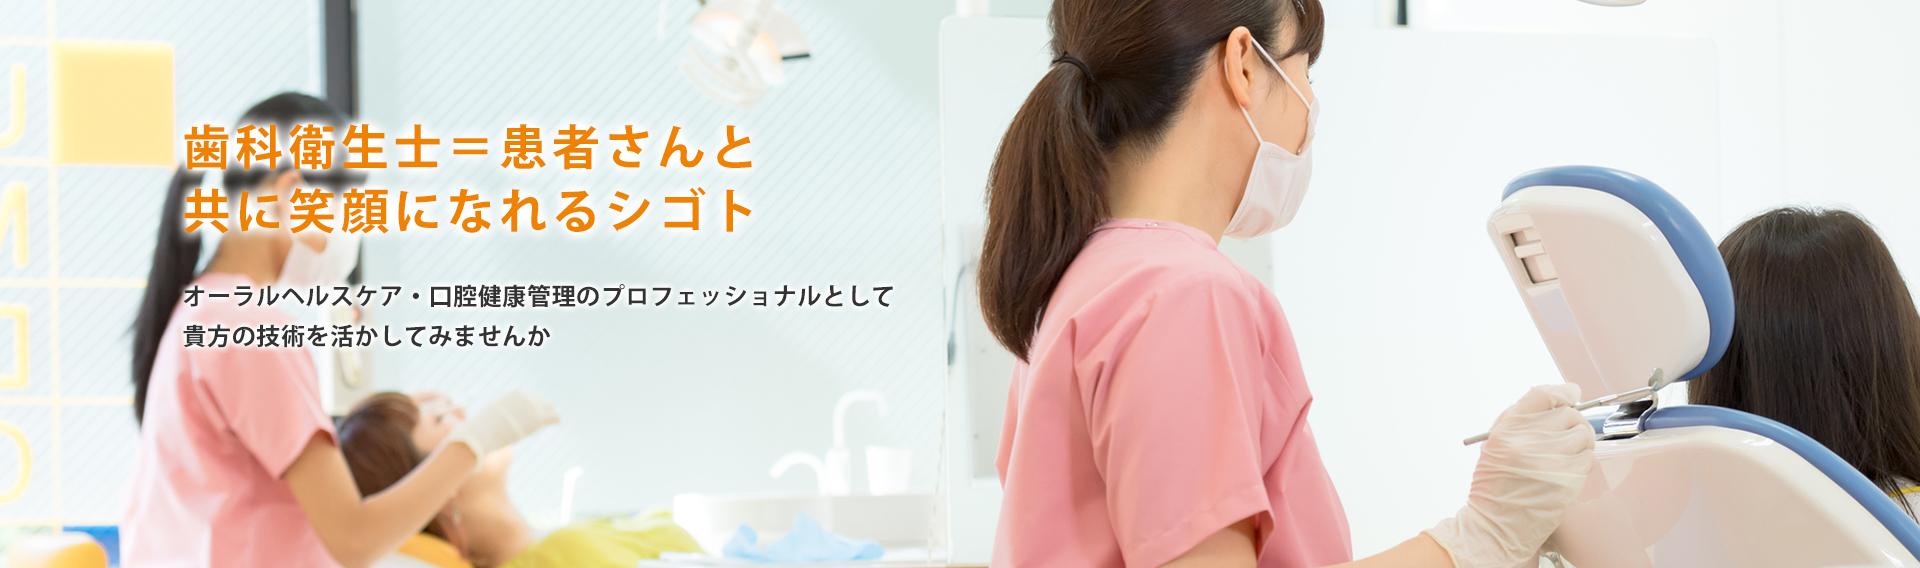 歯科衛生士=患者さんと共に笑顔になれるシゴト